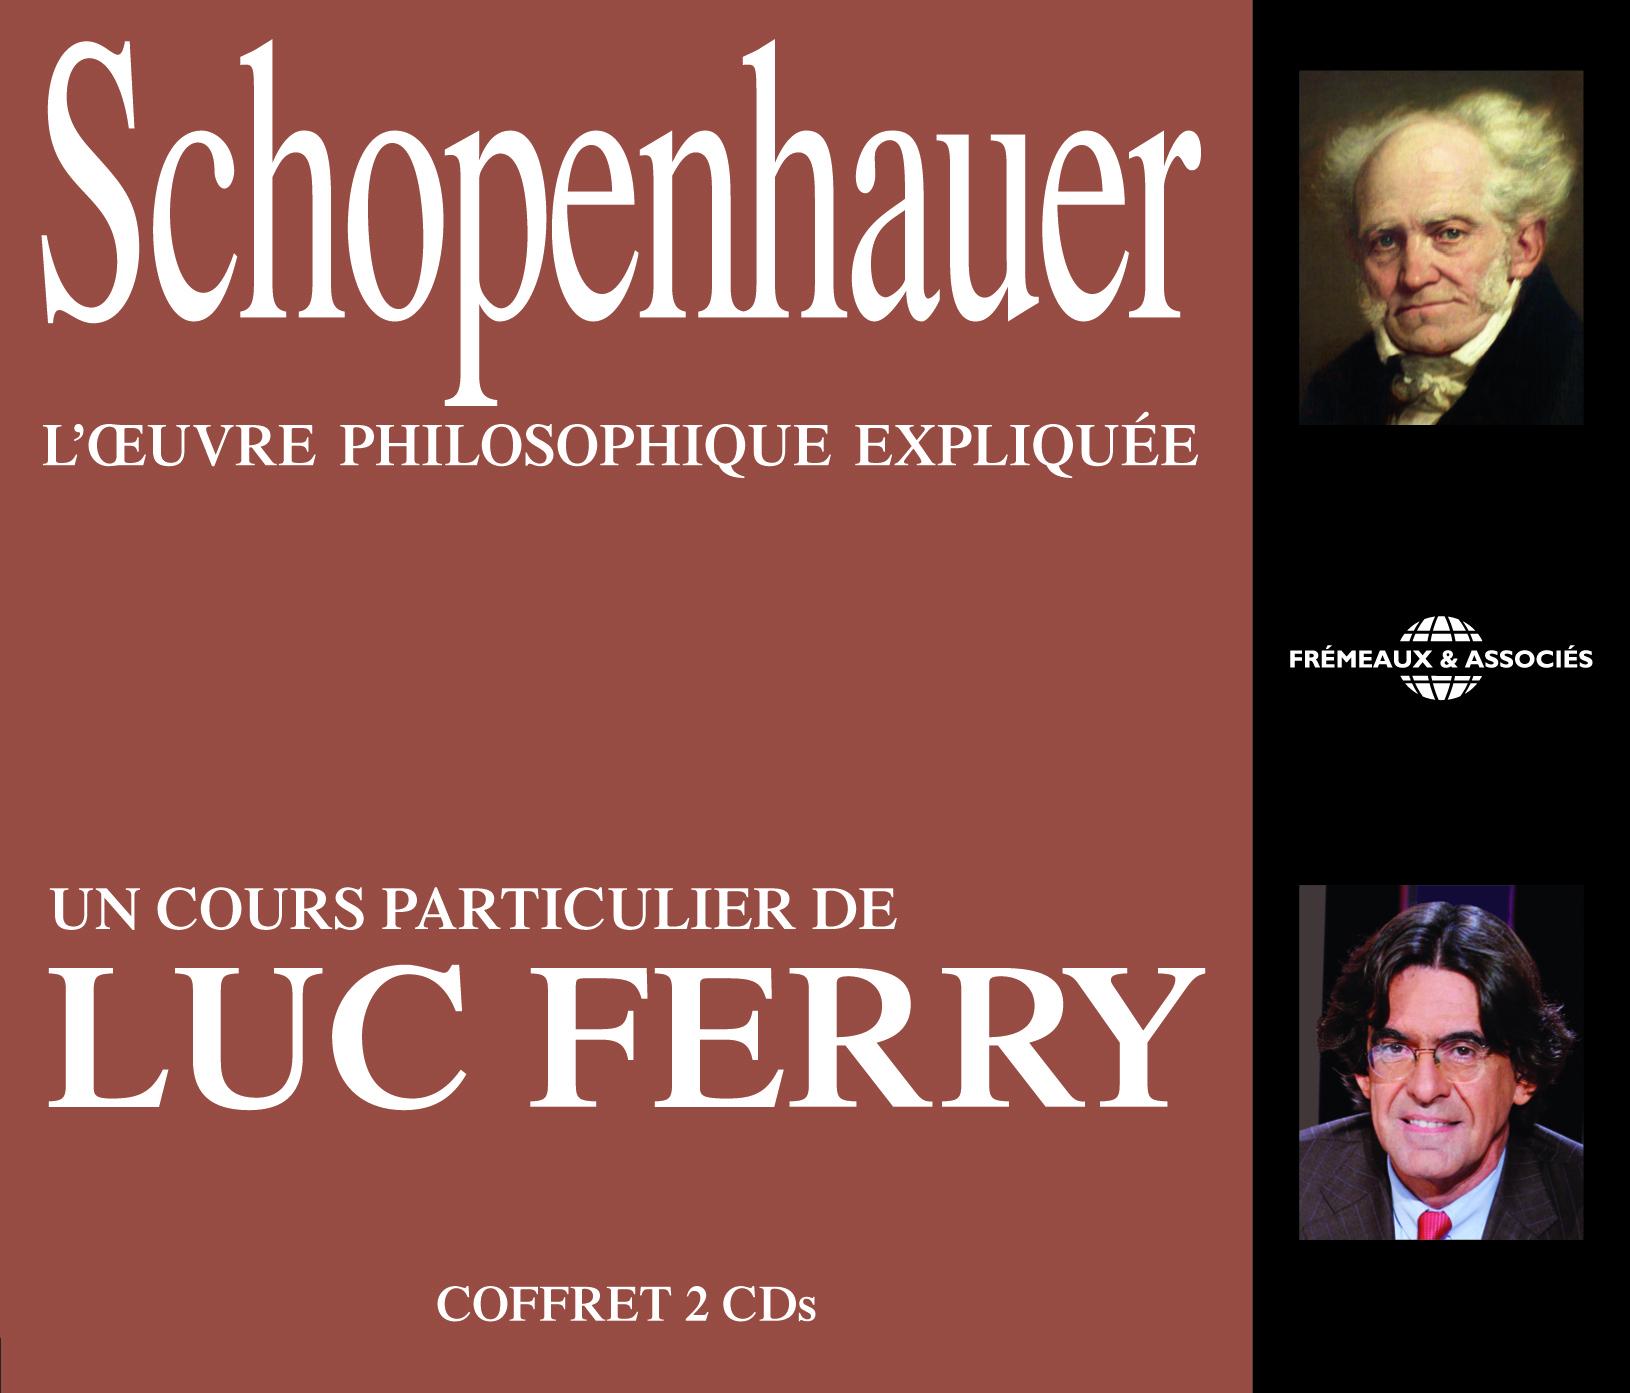 SCHOPENHAUER - L OEUVRE PHILOSOPHIQUE EXPLIQUEE, UN COURS PARTICULIER DE LUC FERRY